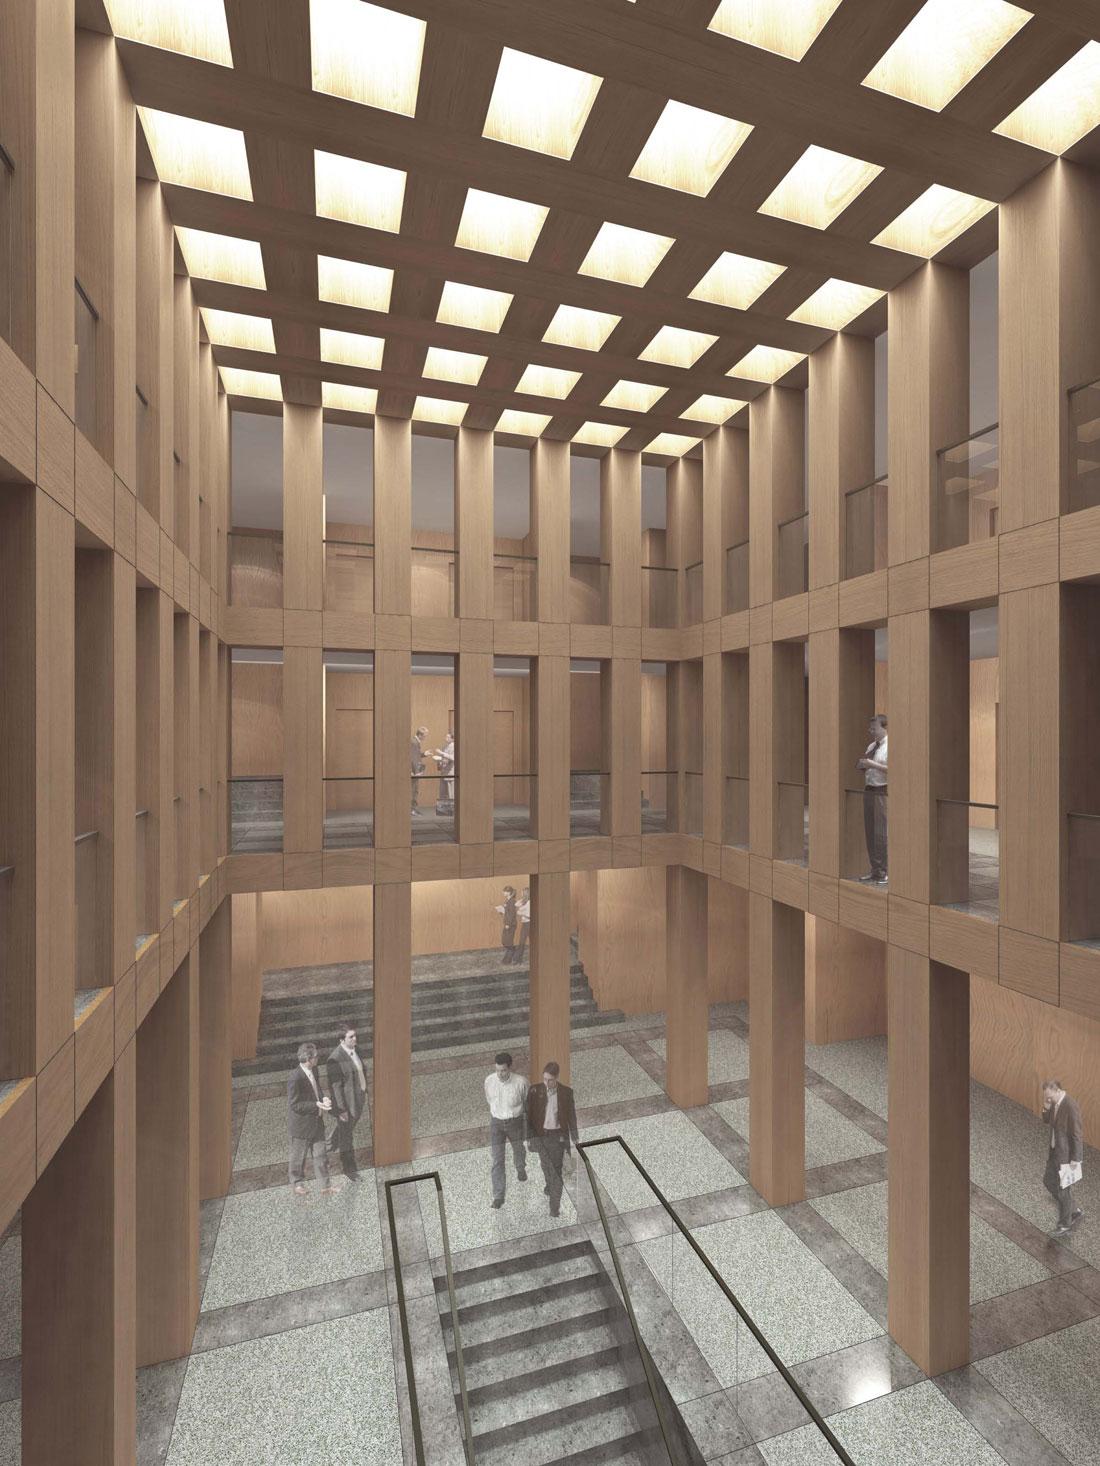 Justizzentrum Herne